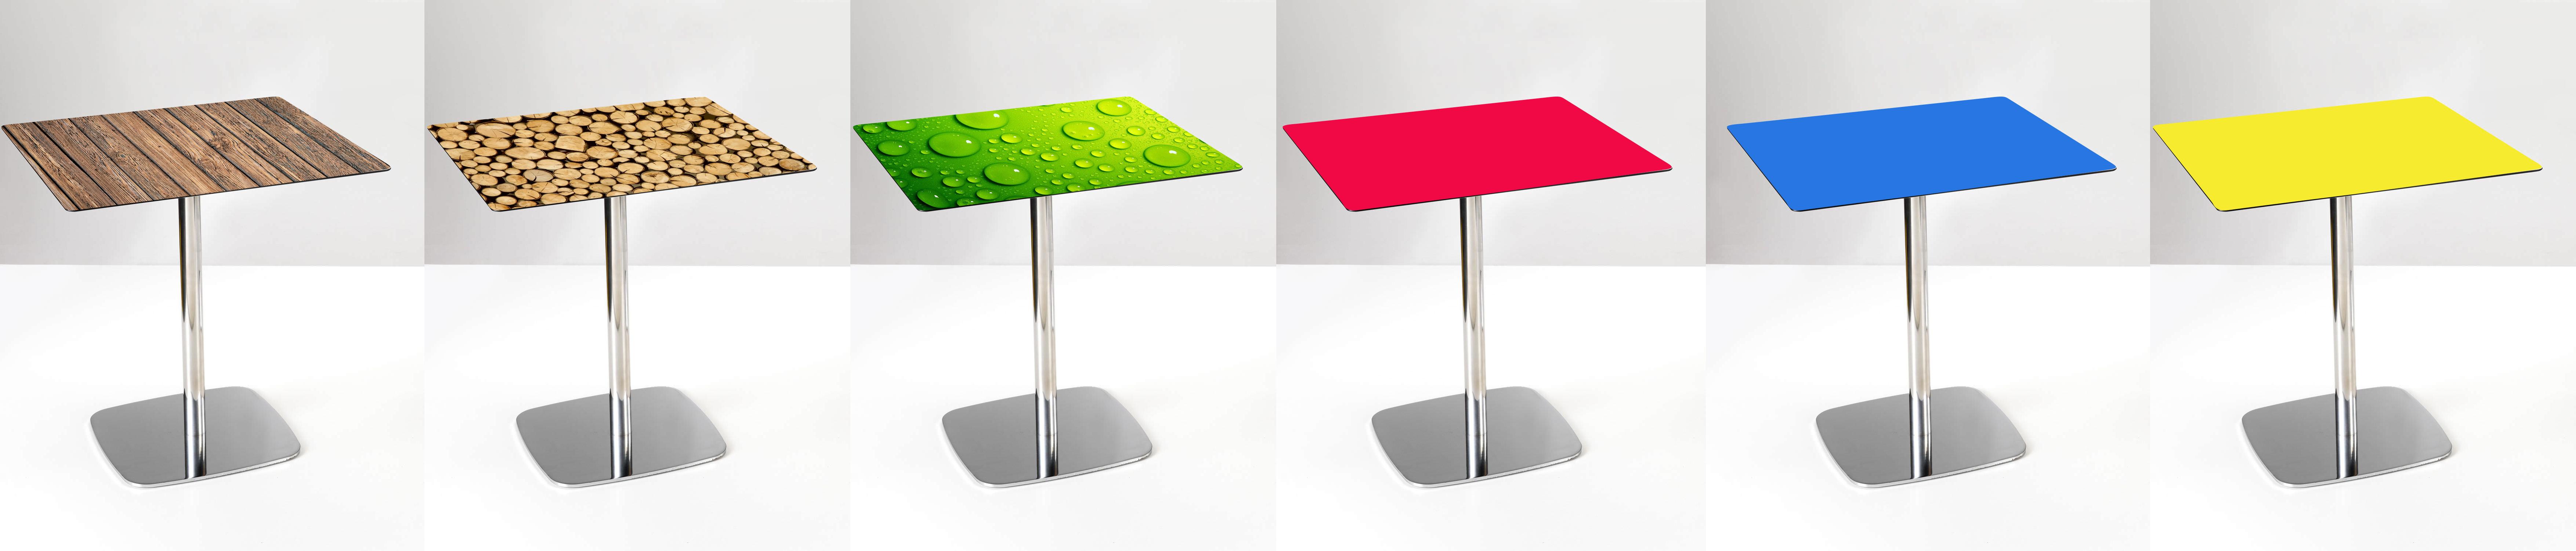 Cambiar de color un mueble con vinilos stica vinilos - Vinilos para muebles ...